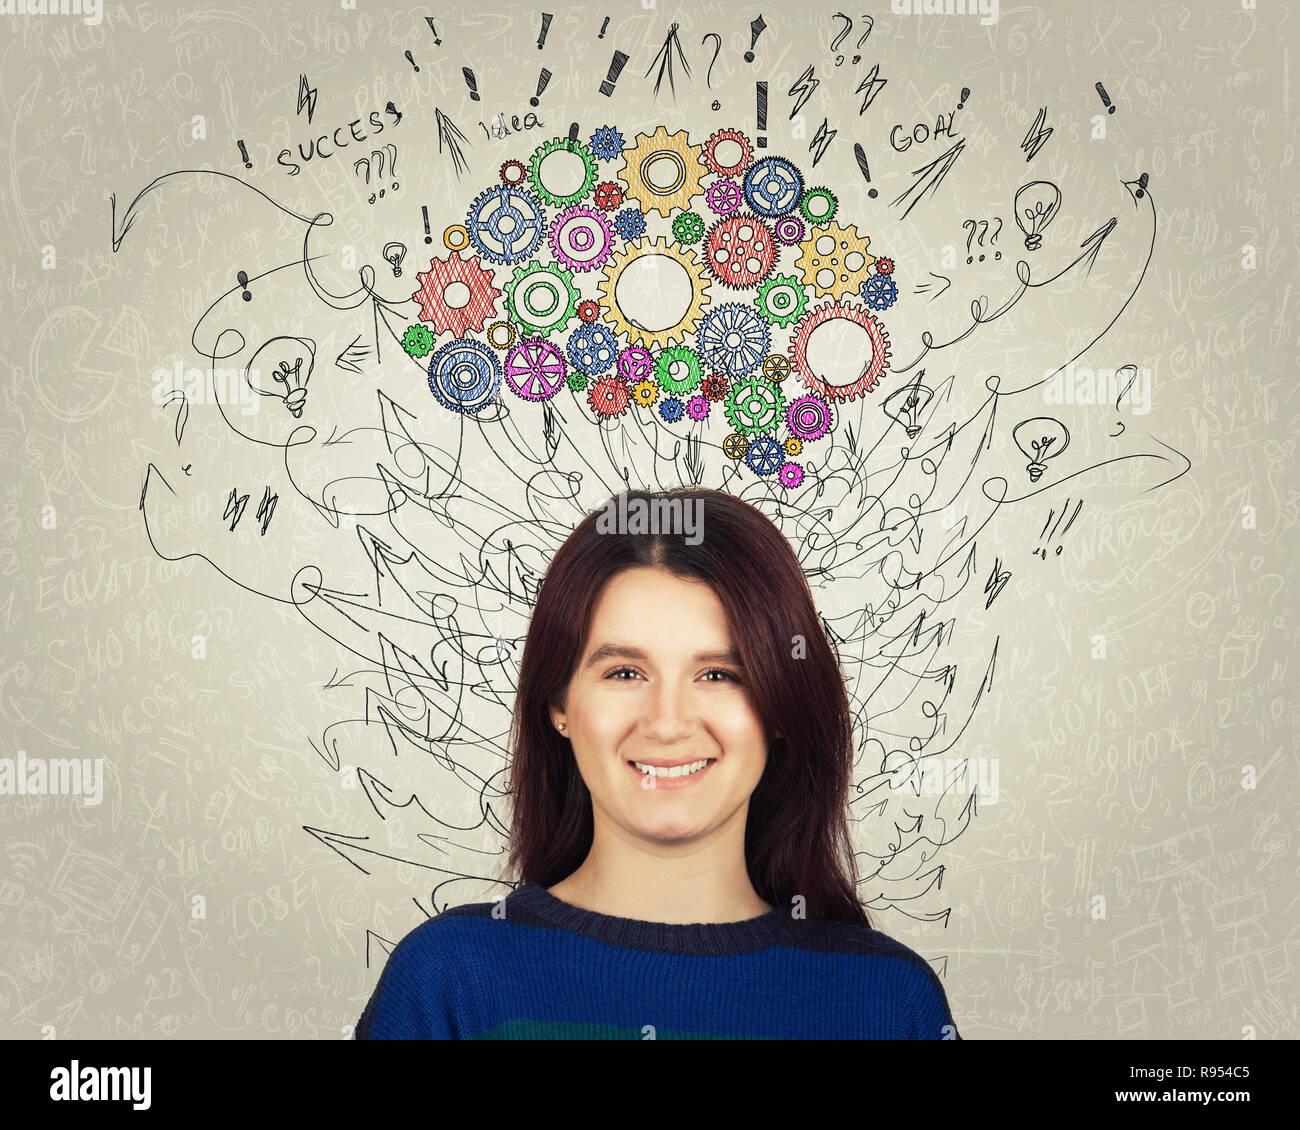 Cerrar el retrato de una mujer joven con colorida marcha cerebro por encima de la cabeza. Feliz emoción, pensamiento positivo con flechas y curvas como pensamientos. Concepto f Foto de stock